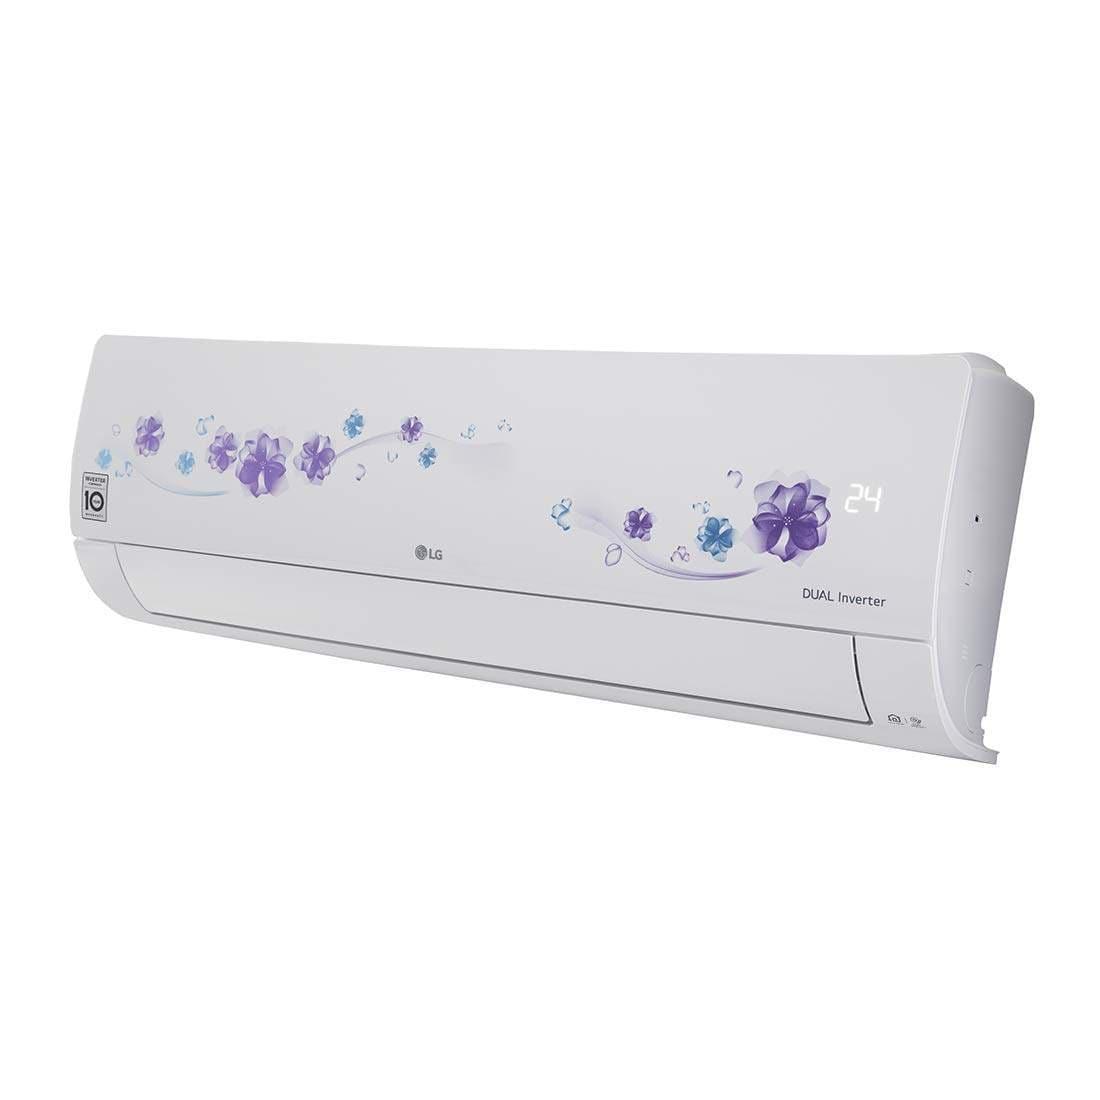 LG 1.5 Ton 5 Star Inverter Split AC (Copper, KS-Q18FNZD, Floral White)